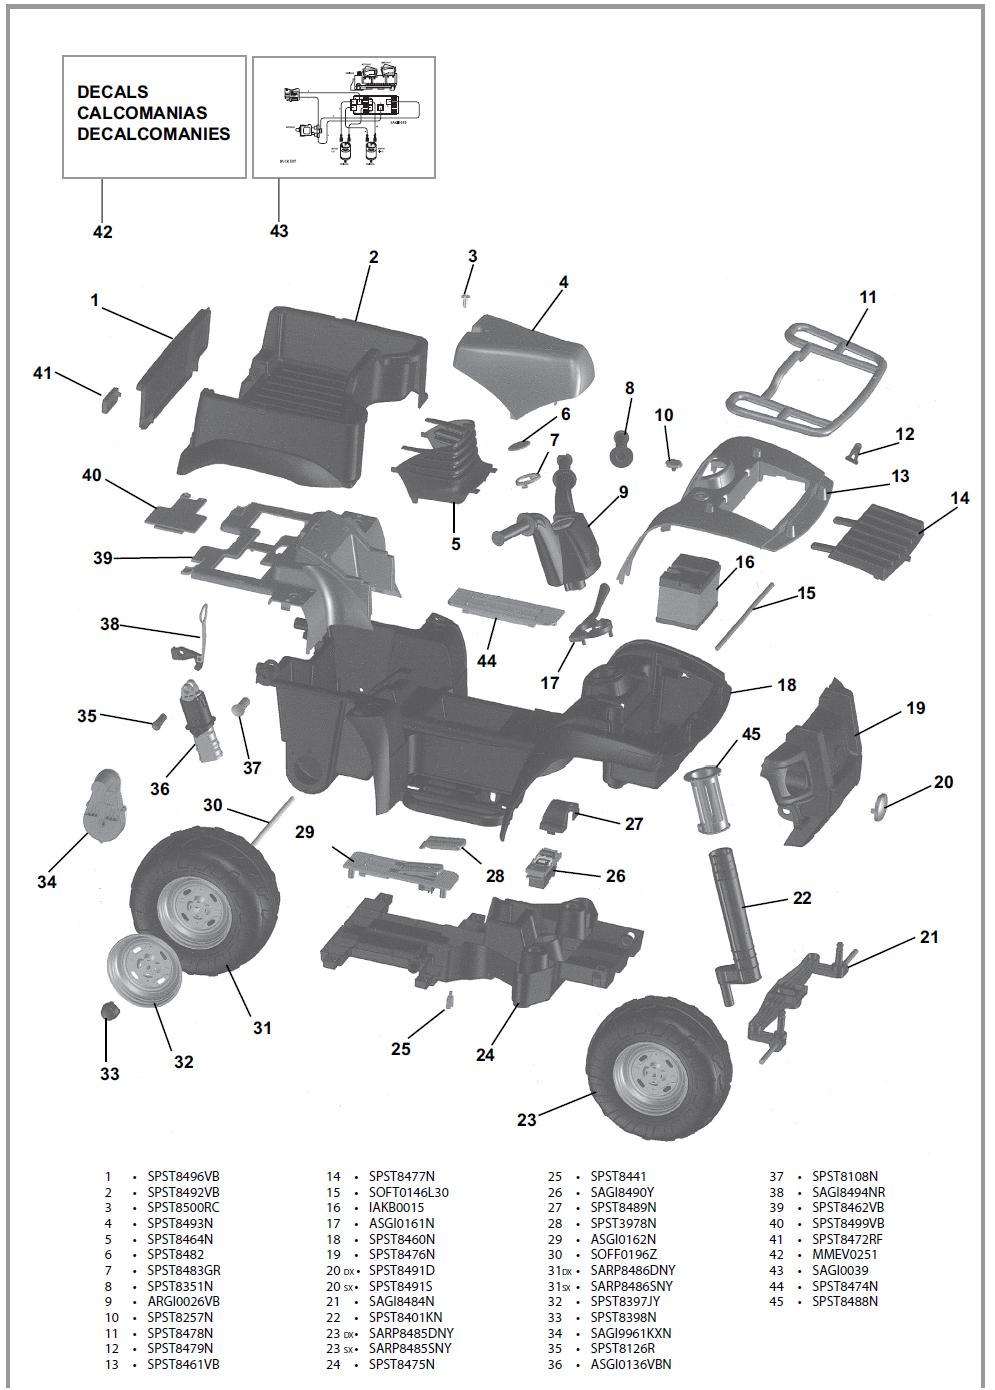 IGOR0013 parts diagram